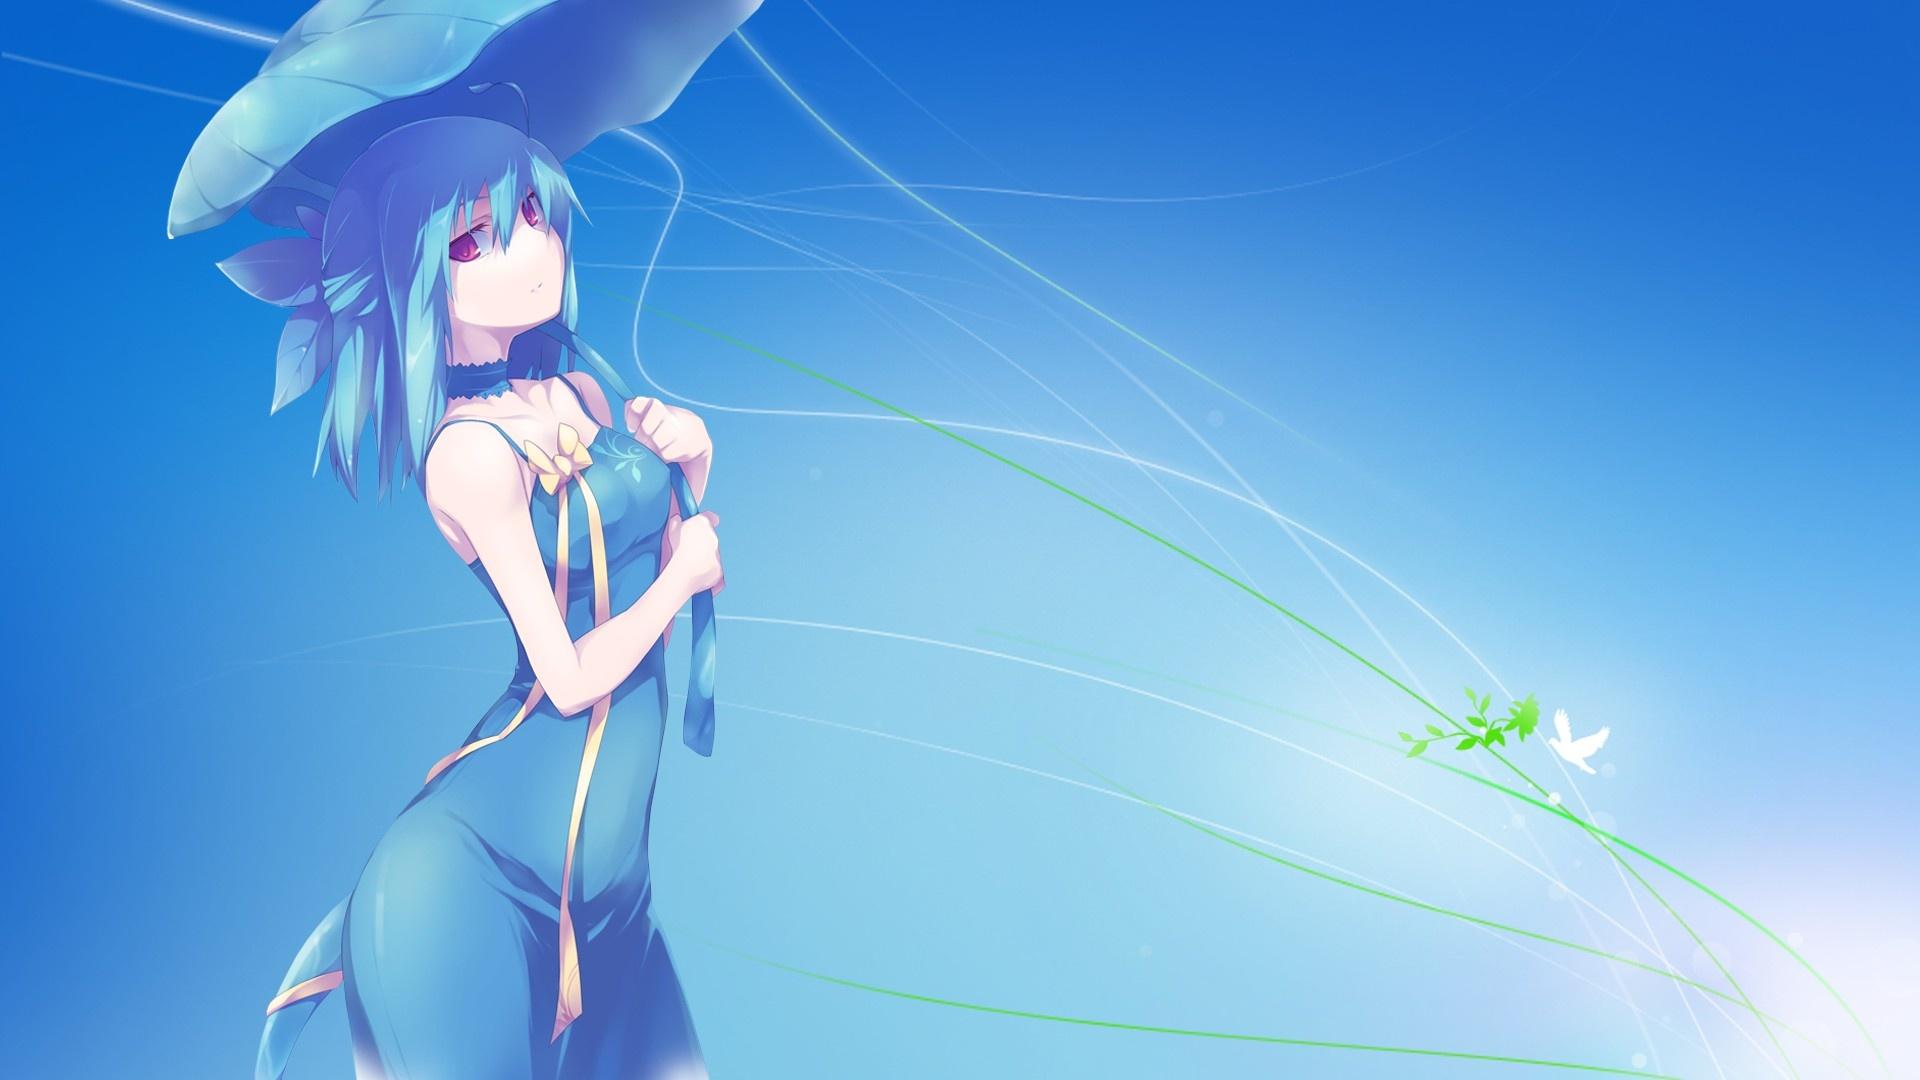 Anime Girls For Windows free wallpaper